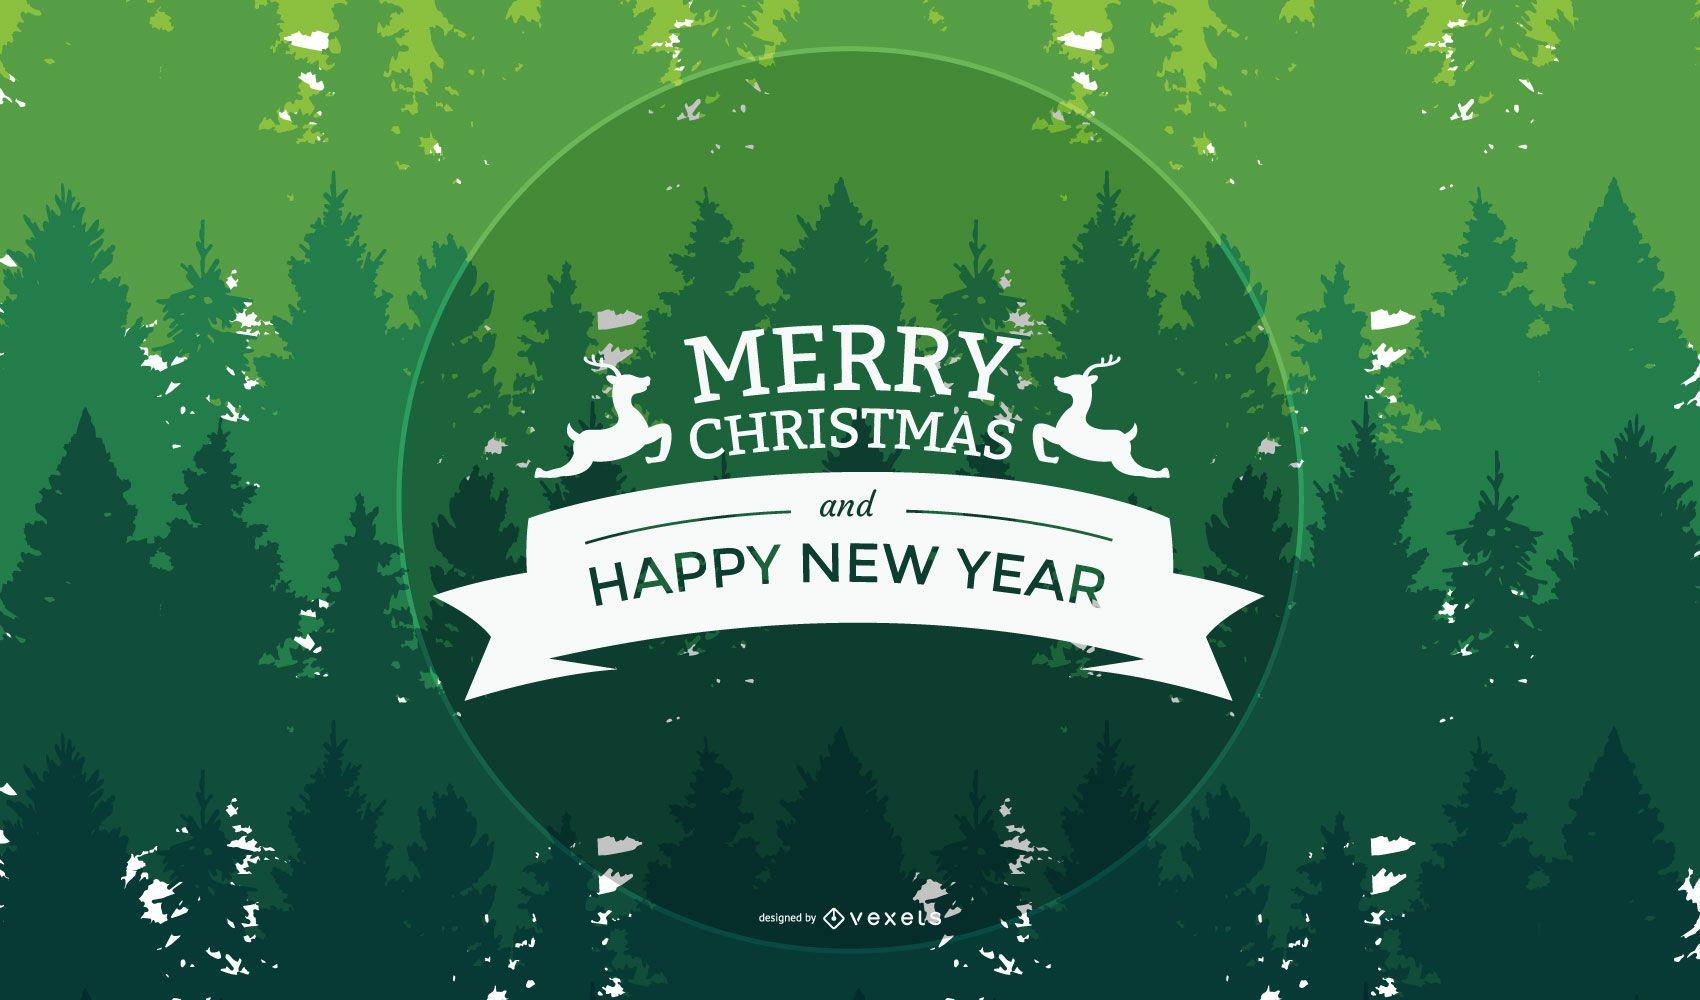 Saludo de Navidad y año nuevo sobre fondo de árboles verdes